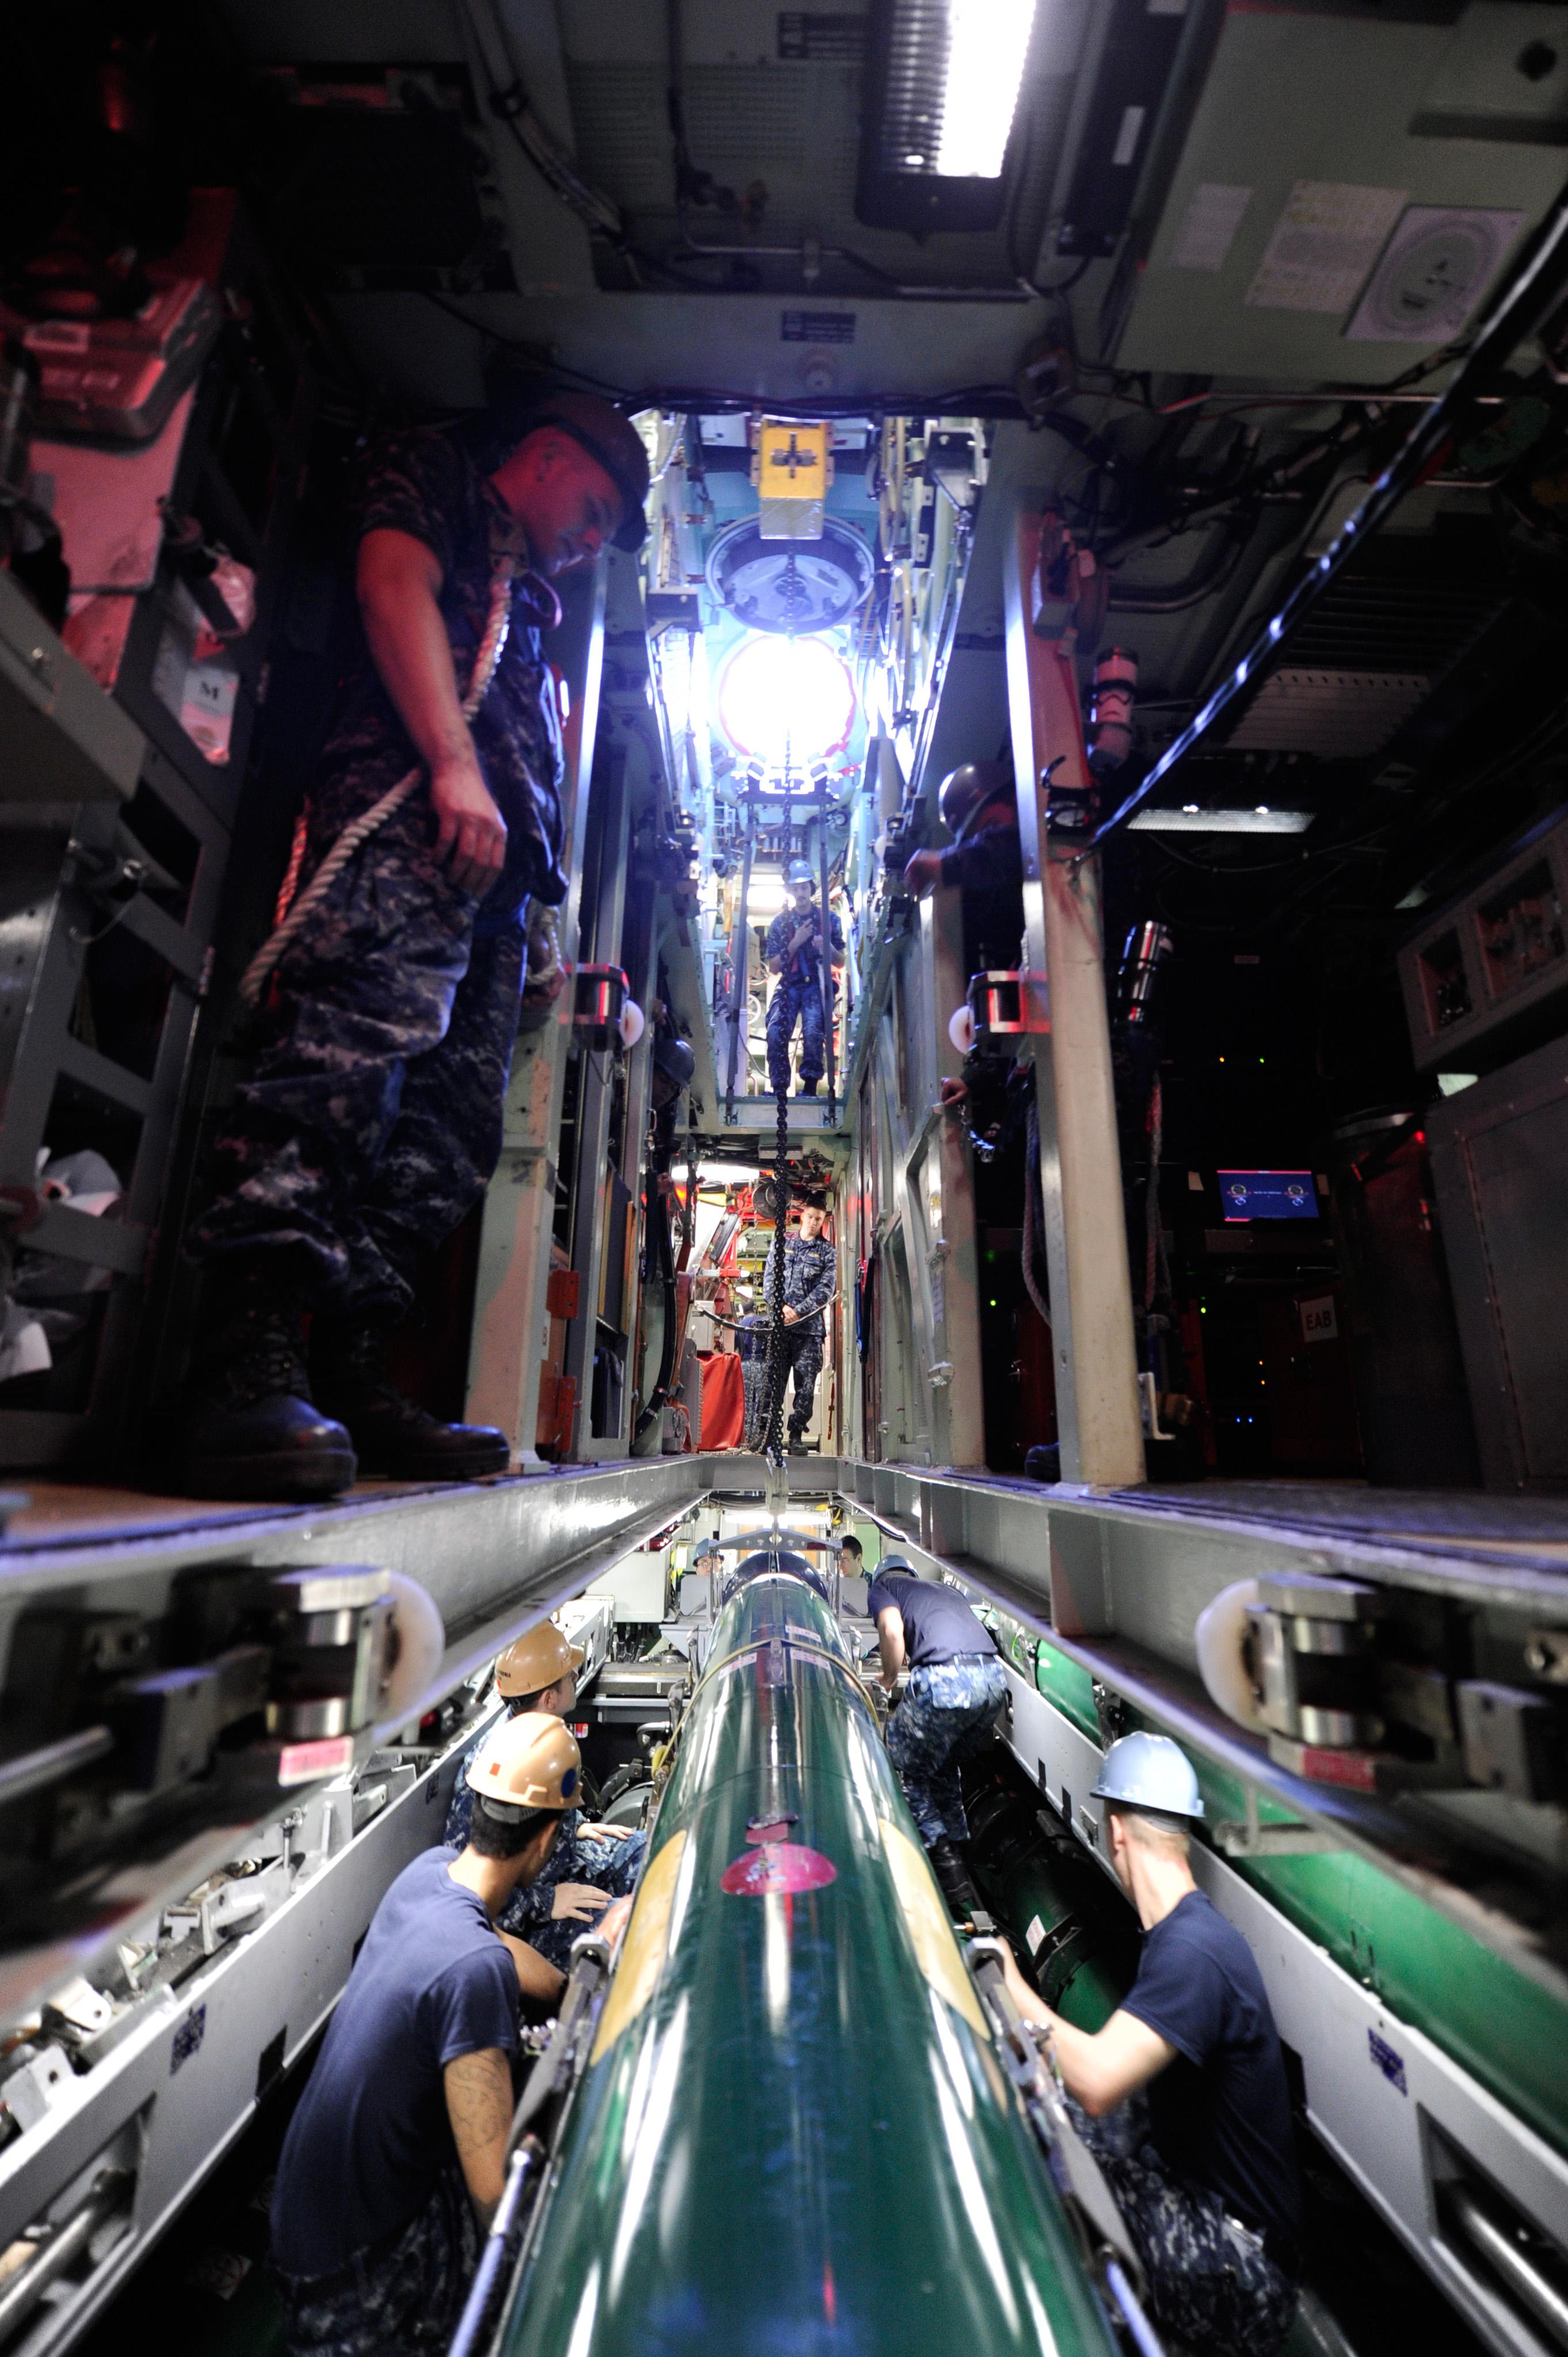 El submarino de propulsi n nuclear california de for Interior submarino